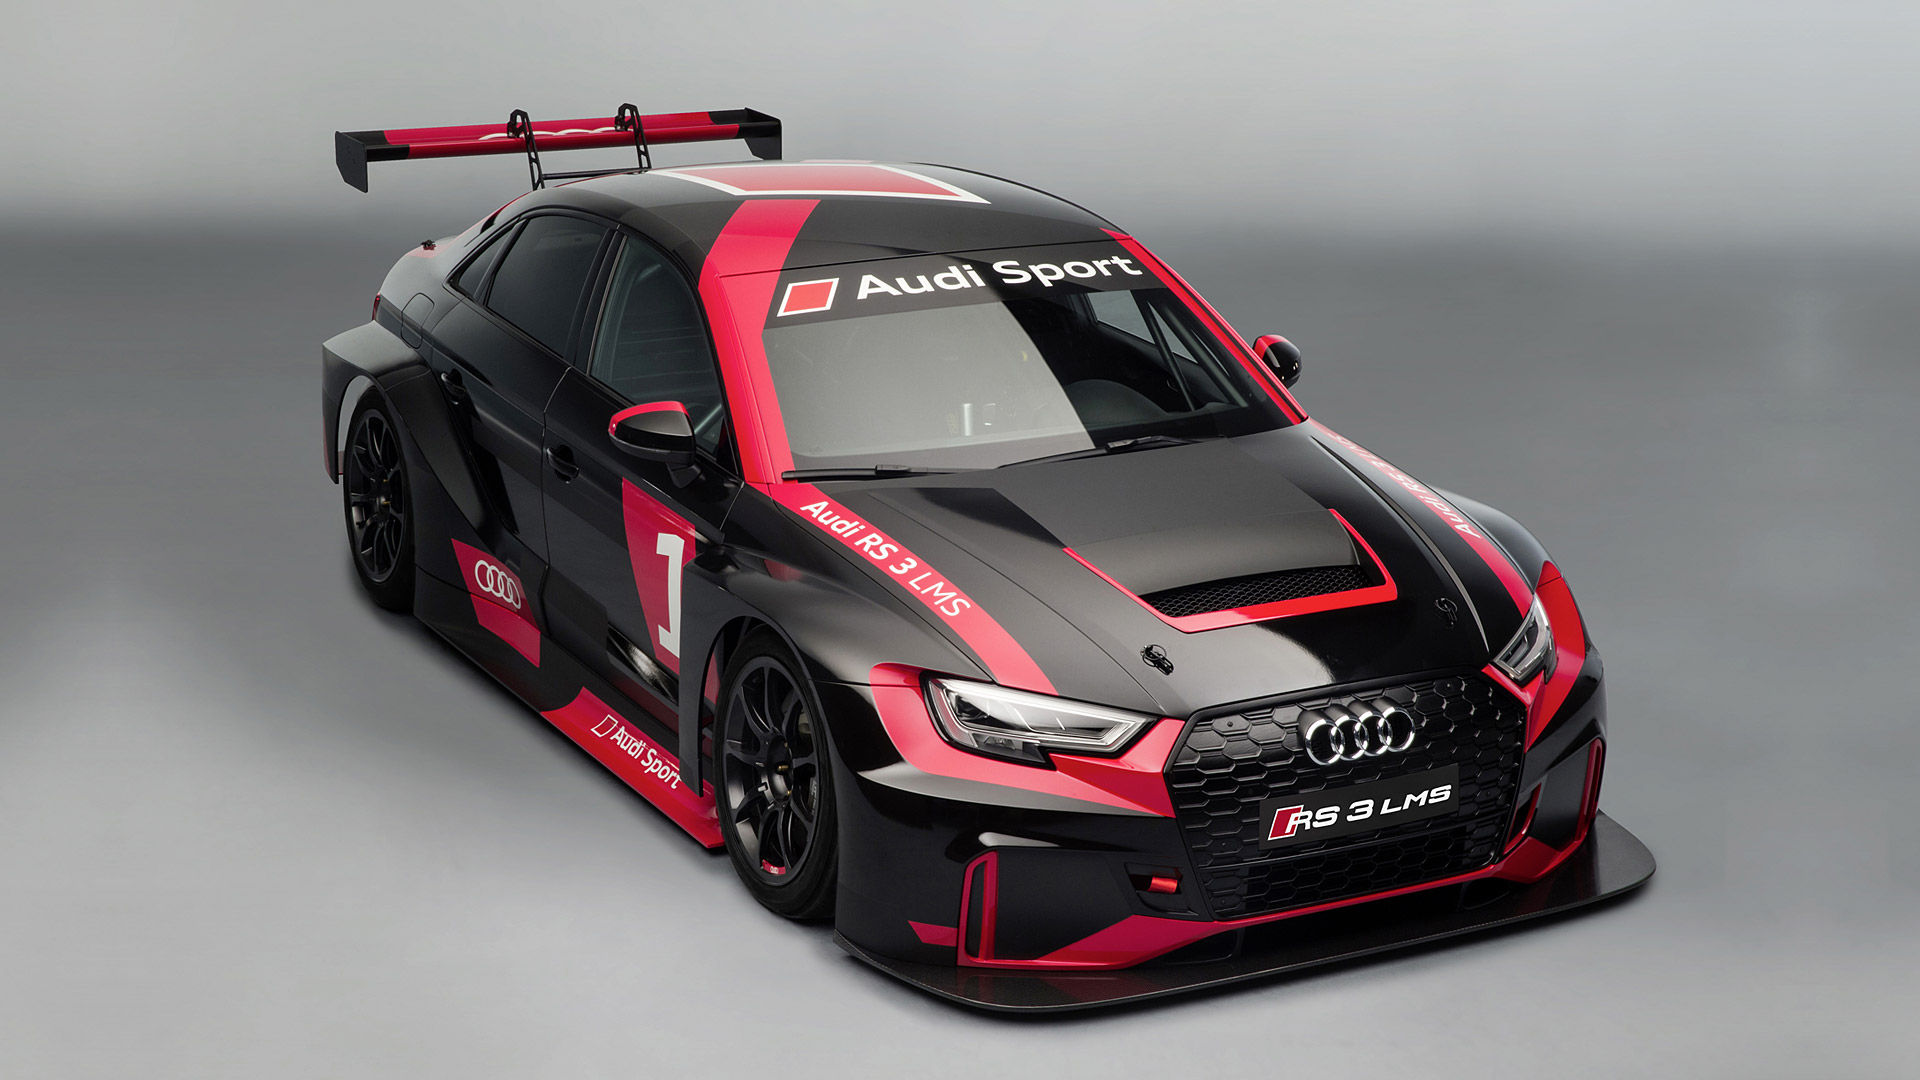 2017 Audi RS3 LMS